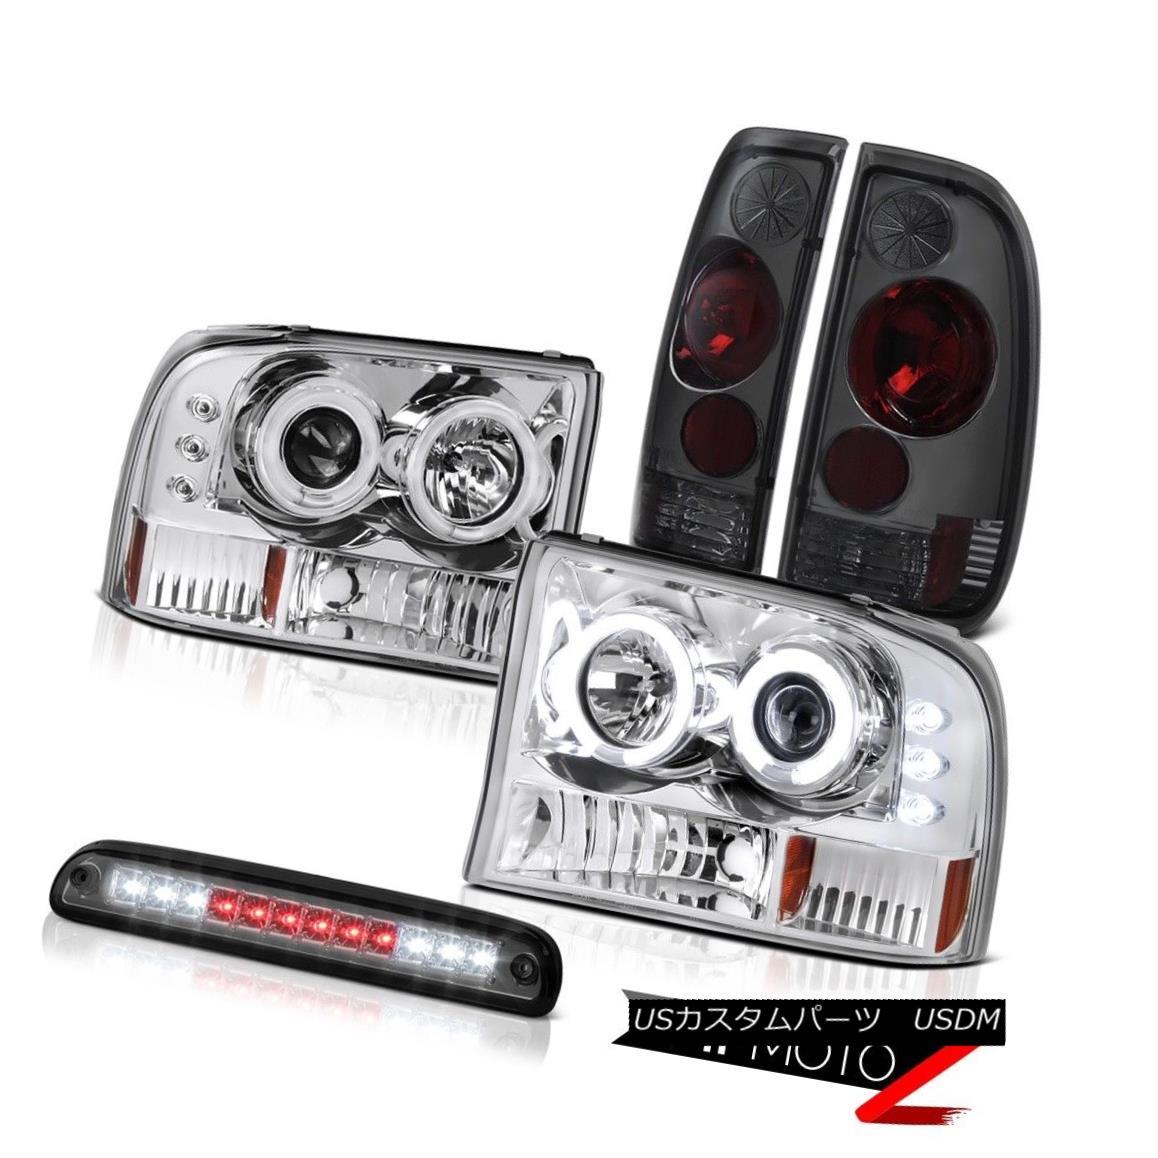 ヘッドライト [BRIGHTEST] CCFL Rim Headlight 3rd Brake LED Rear Lights Smoke 99-04 Ford F250 [明るい] CCFLリムヘッドライト第3ブレーキLEDリアライトスモーク99-04 Ford F250